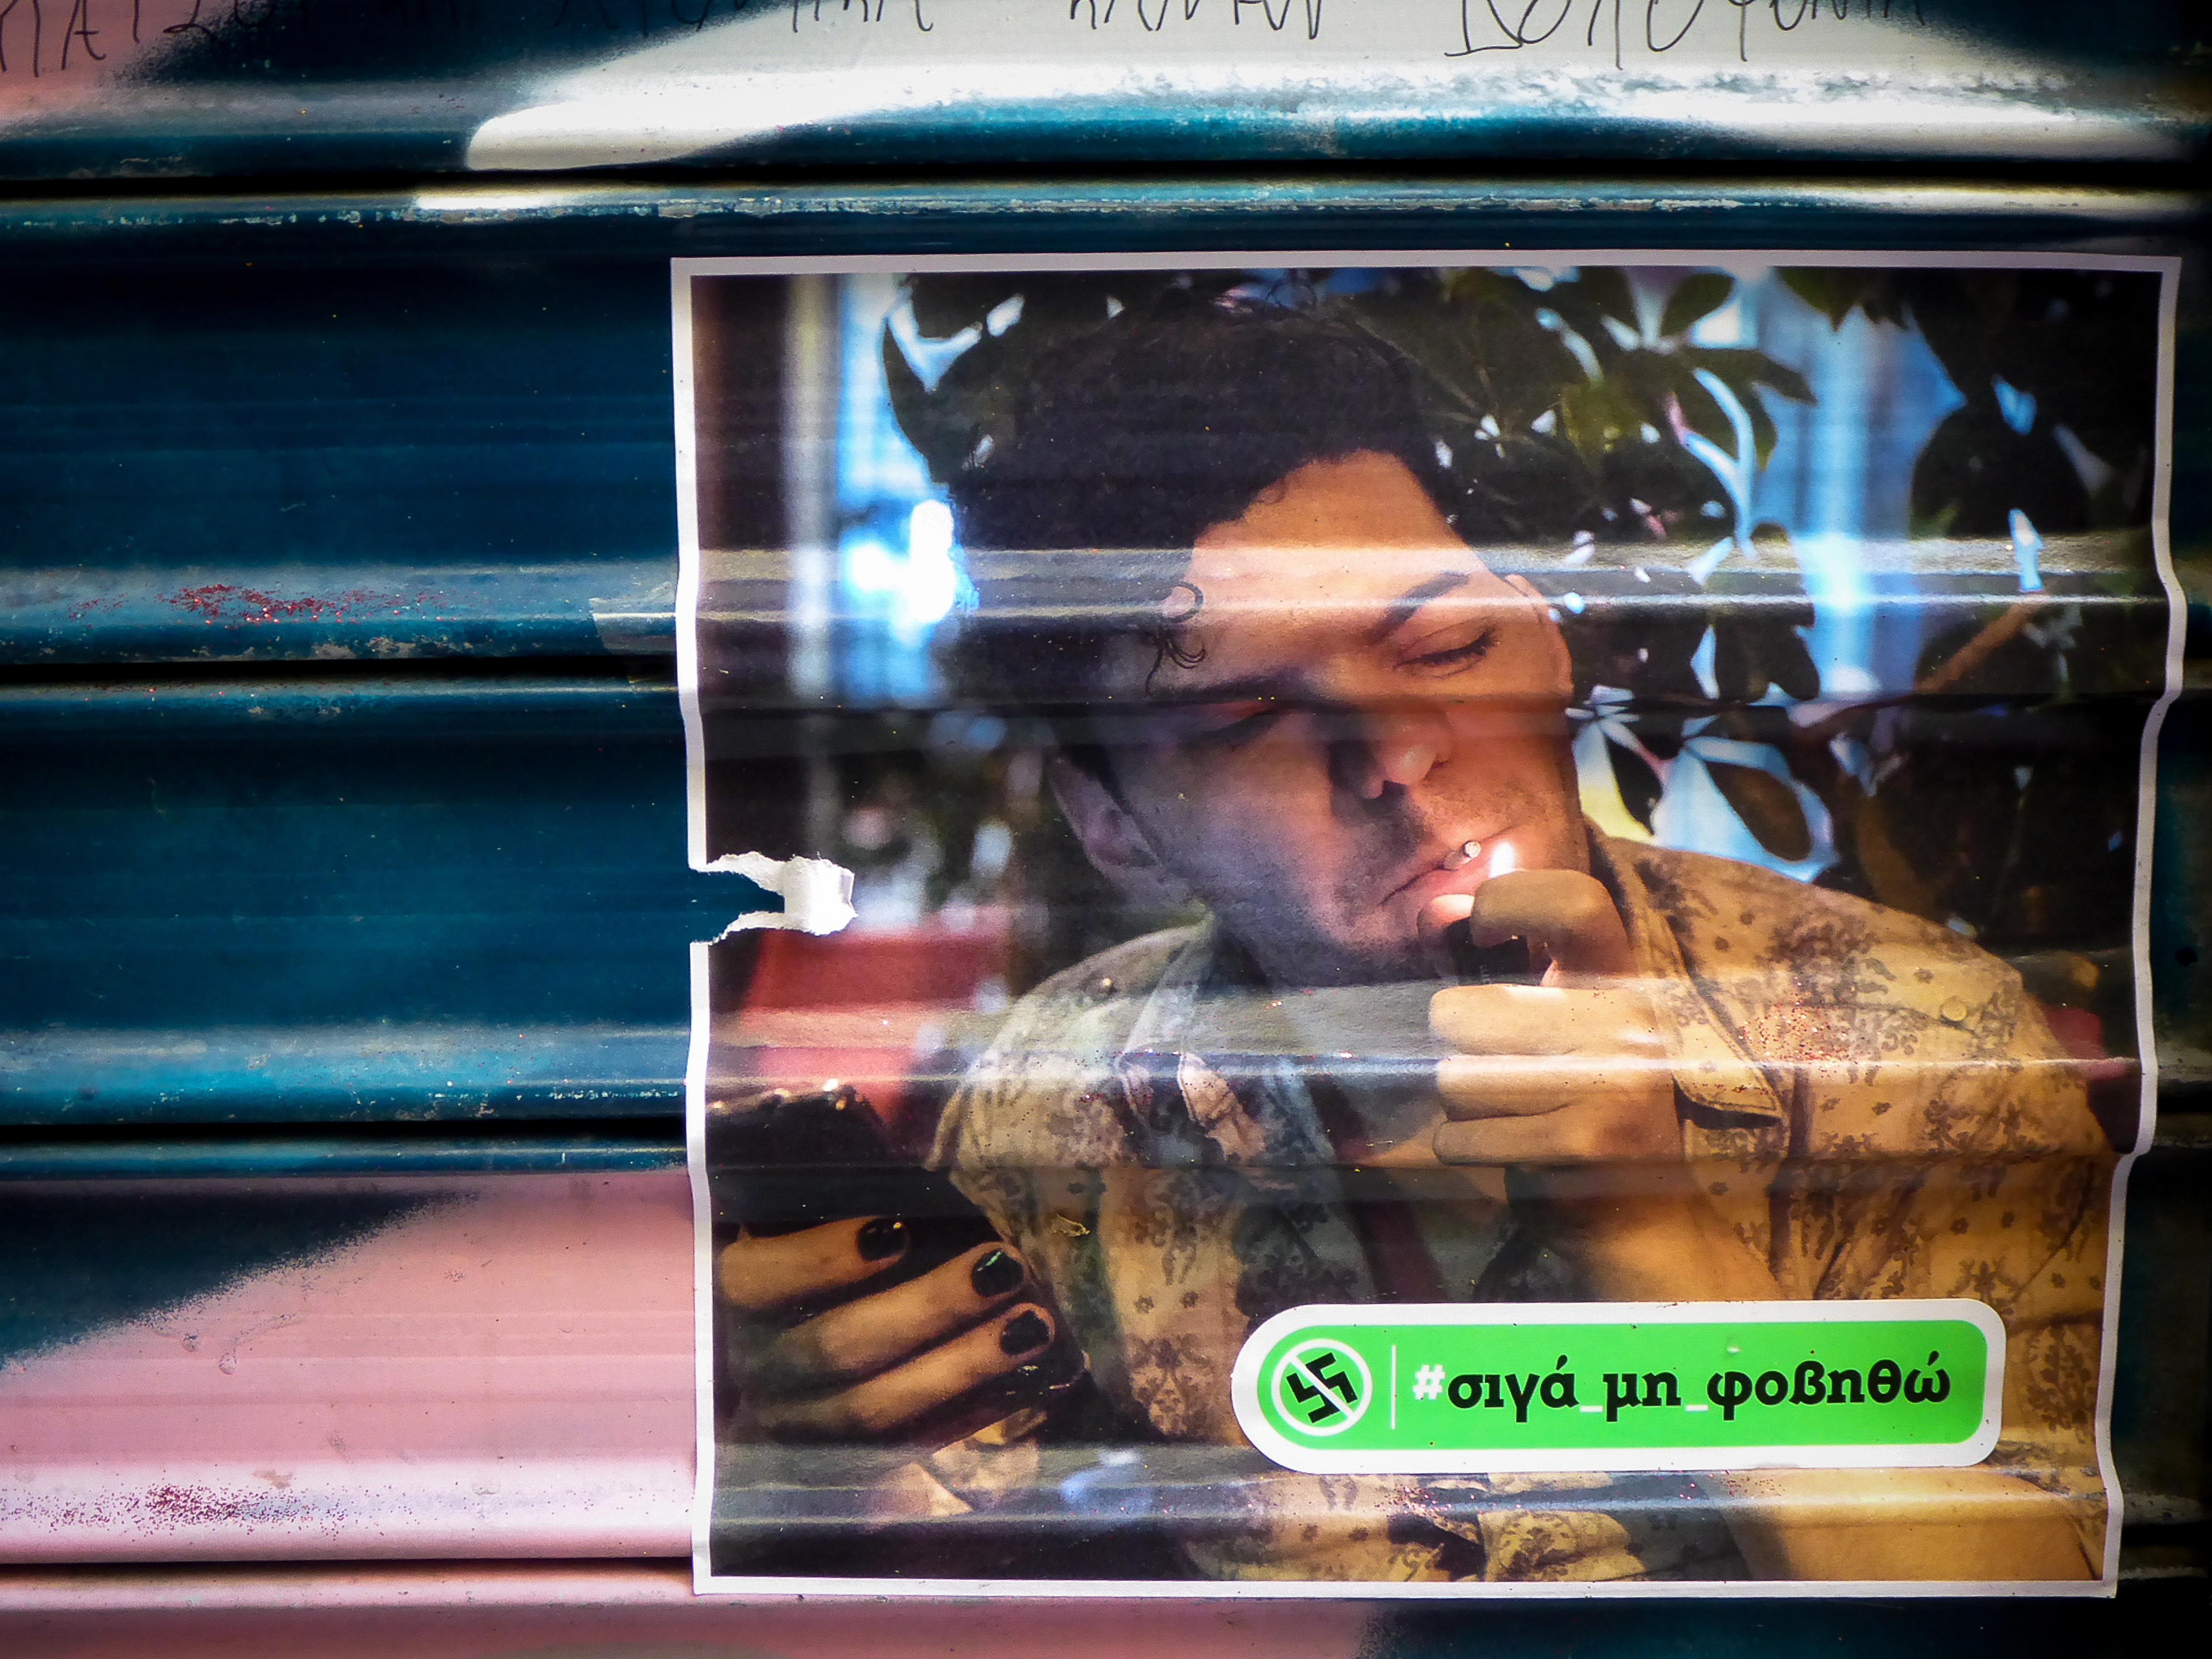 Υπόθεση Ζακ Κωστόπουλου: Το κινητό που θα «μιλήσει», το Dna και οι 20